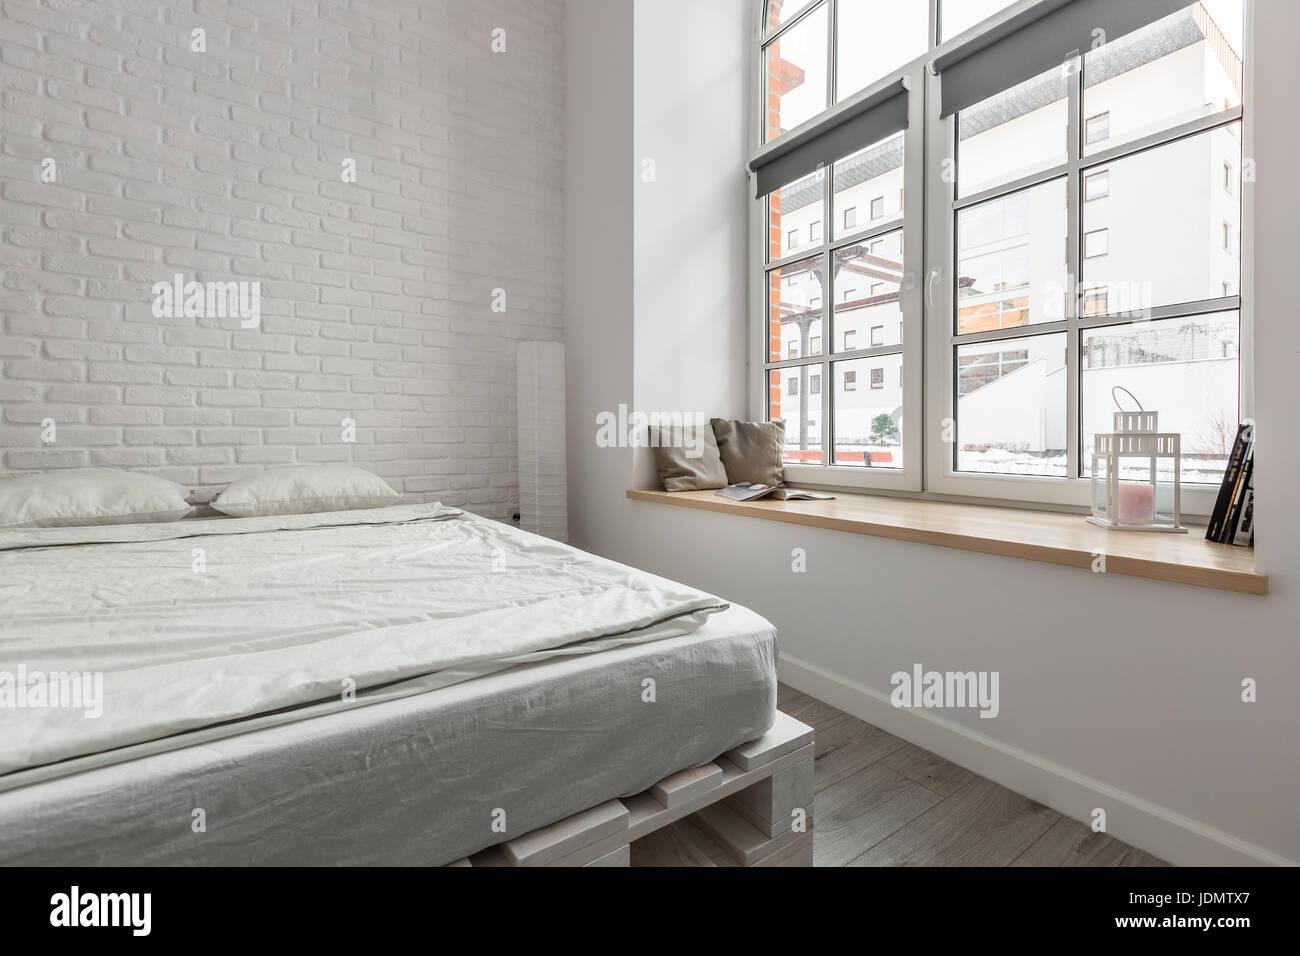 Letto Di Pallets : Soppalco con letto matrimoniale con letto di pallet e bianco muro